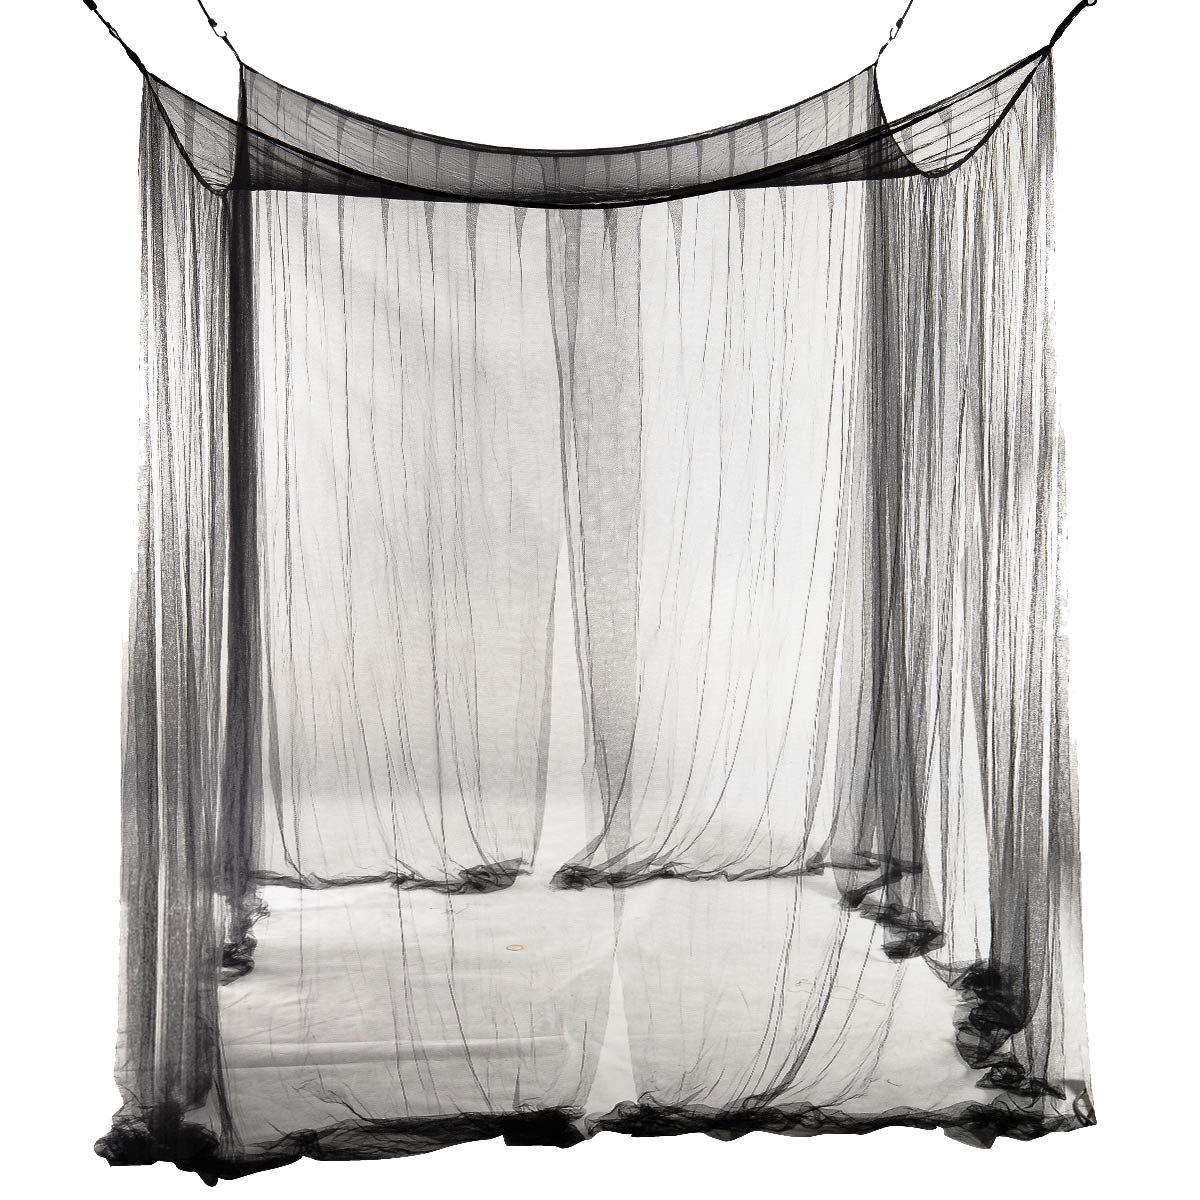 4-letto ad angolo reticolato zanzara del baldacchino per la regina / letto king size 190 * 210 * 240 centimetri (nero) Bed cortina Room Decoration